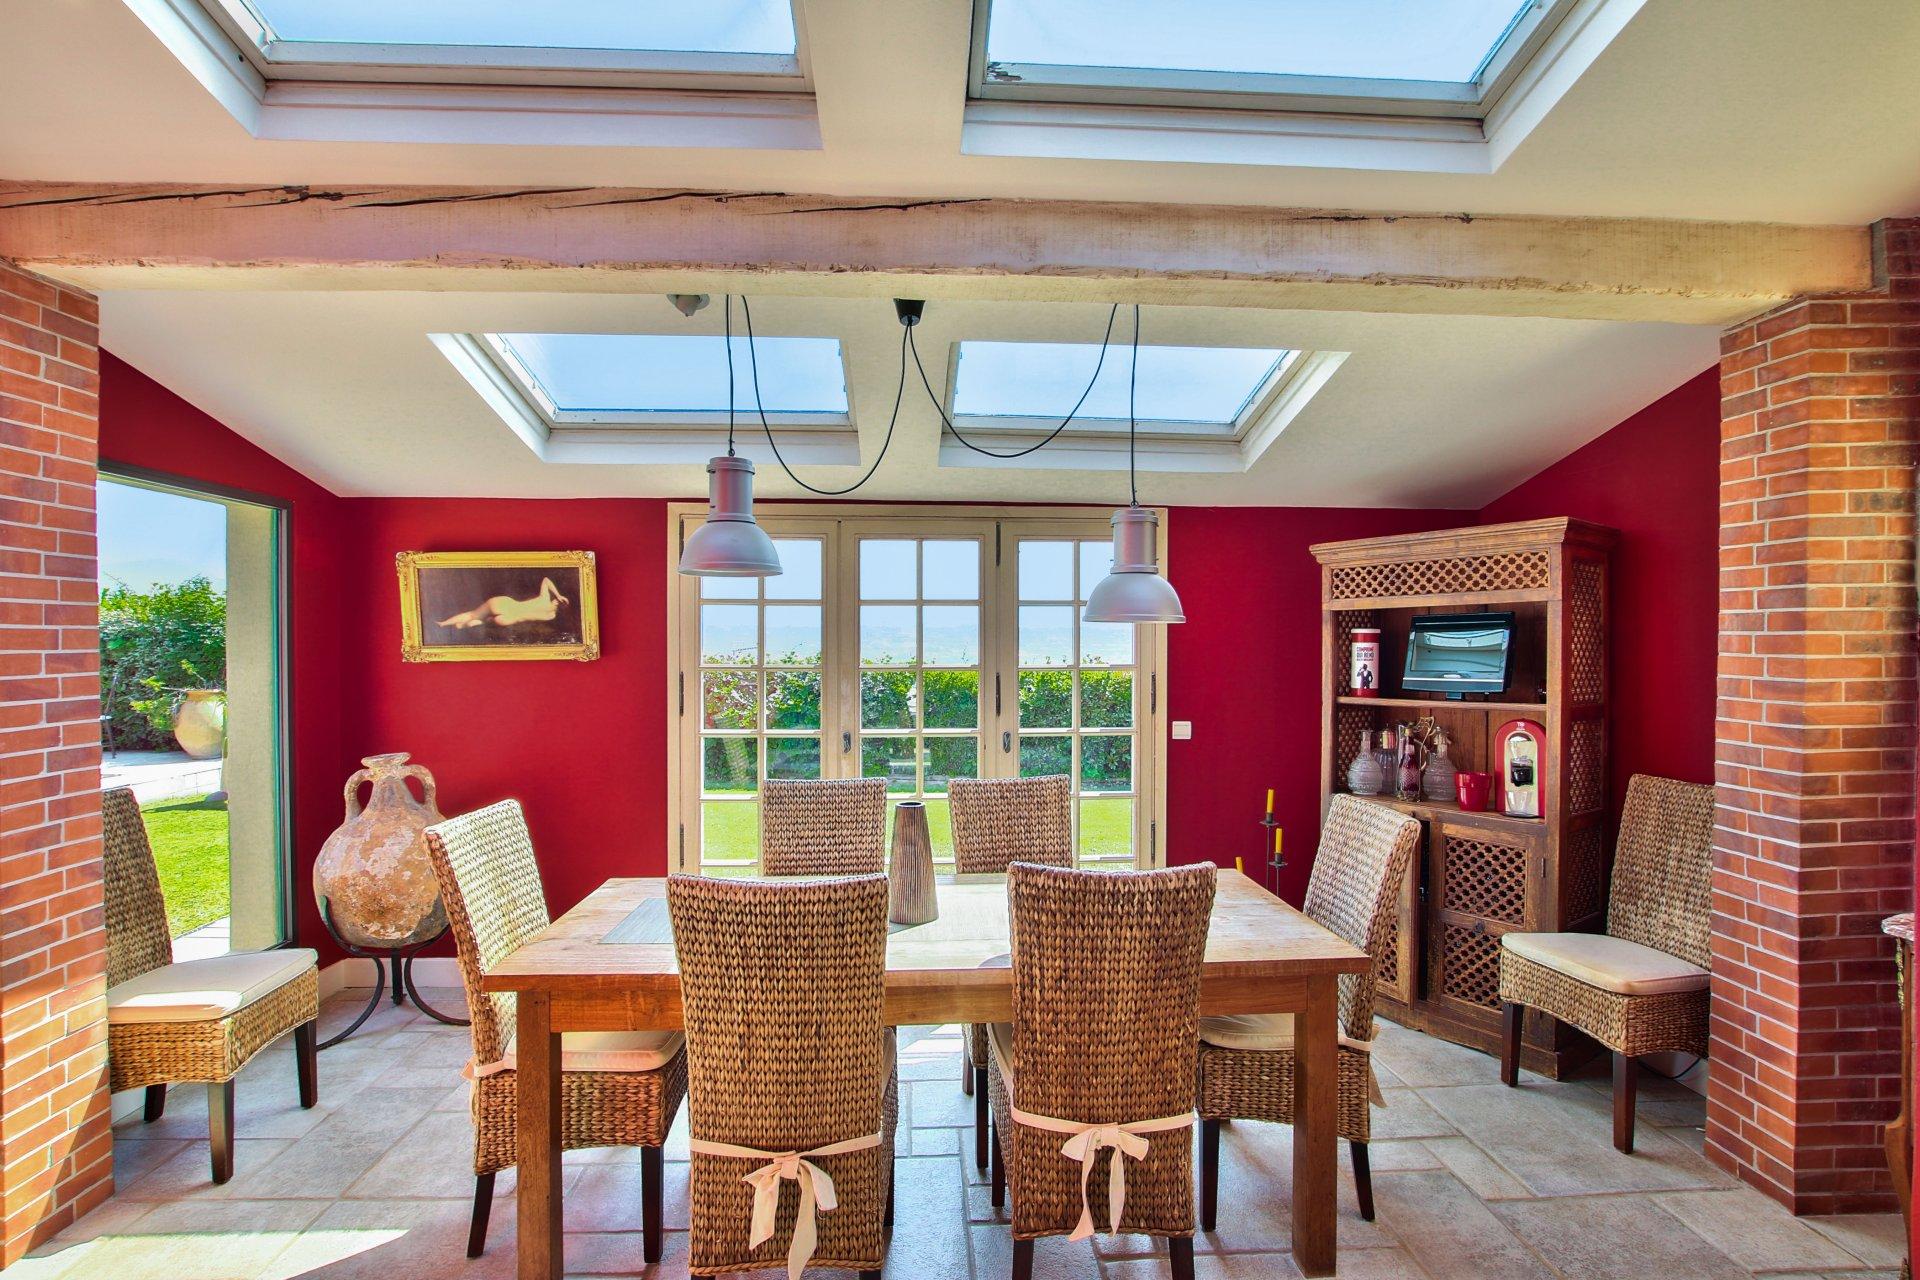 Vente de maison d'une surface de 138.4 m2